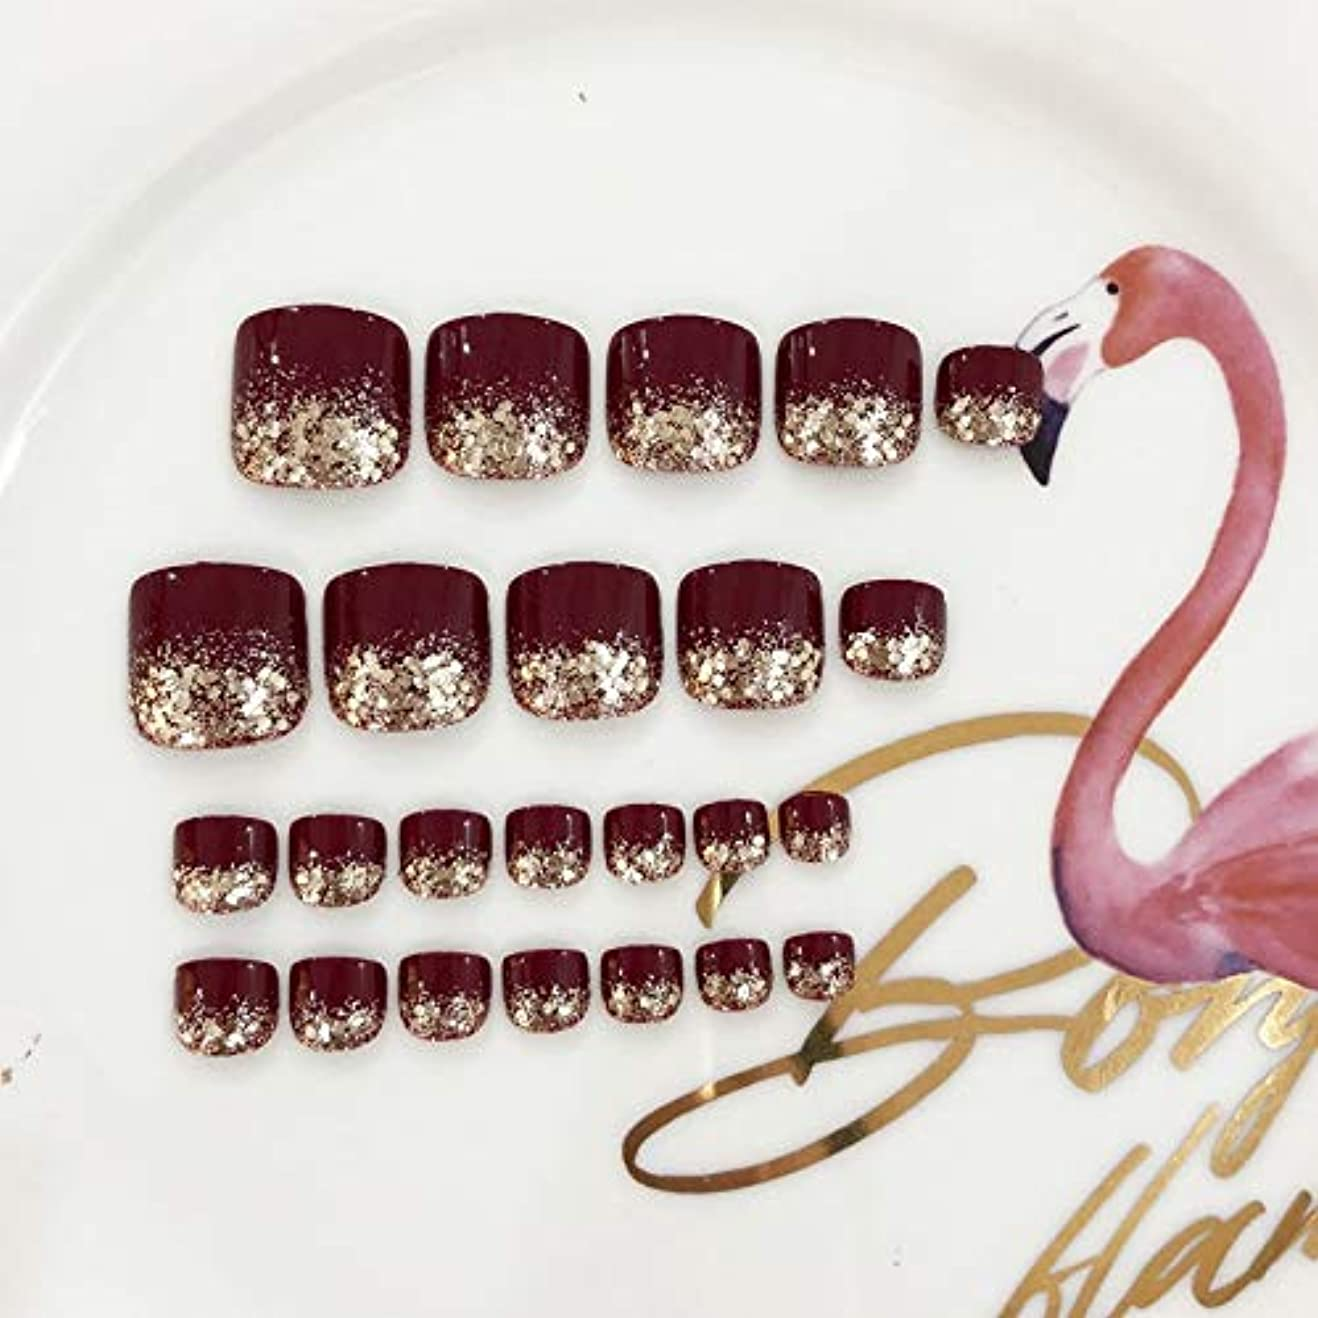 アンティーク報酬異邦人AFAEF HOME 偽爪キット24個入り赤と輝きのスパンコールフレンチマニキュア偽爪と接着剤フルカバーミディアムの長さ